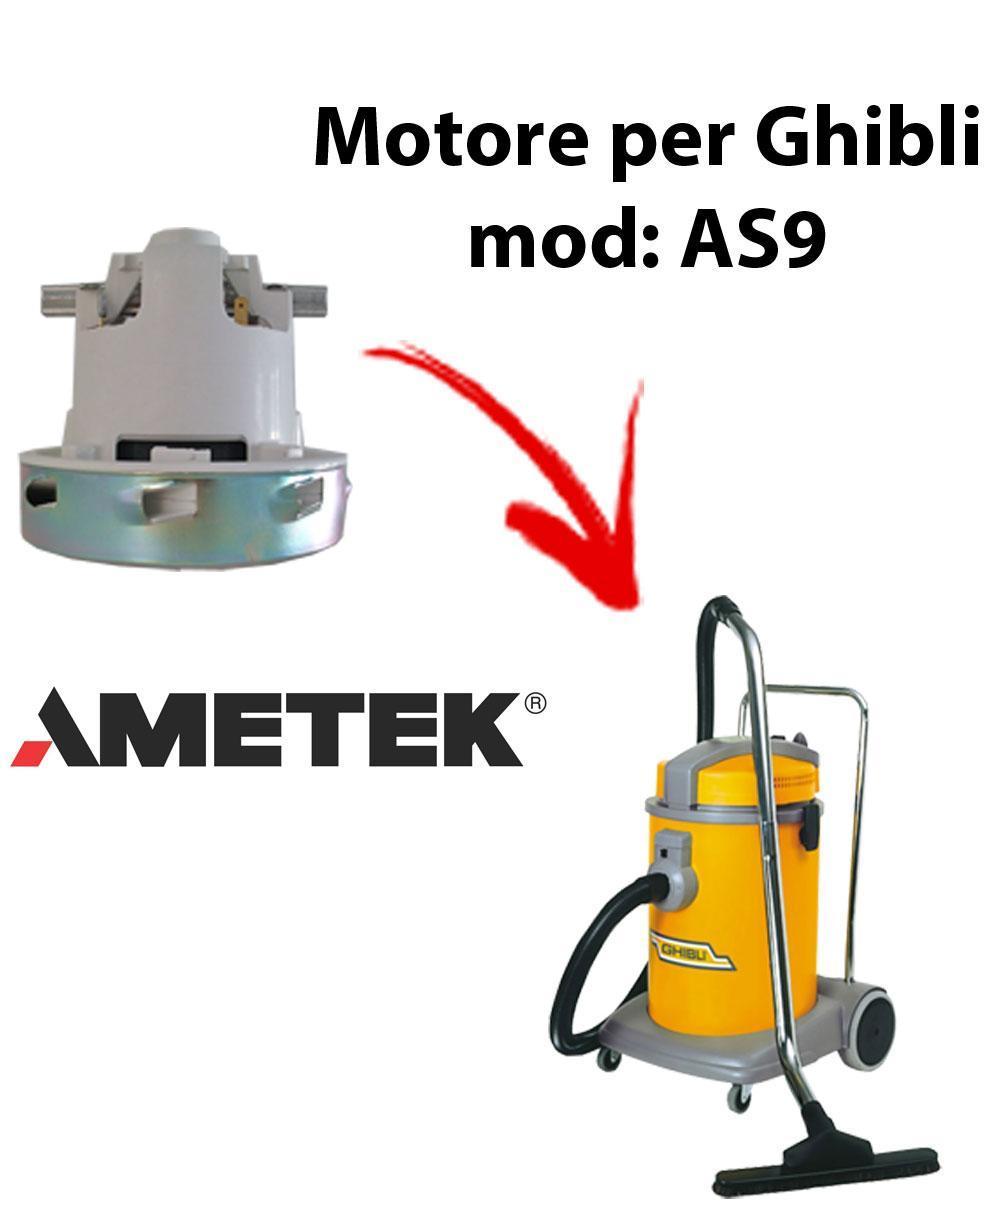 AS9  Ametek Vacuum Motor for Vacuum cleaner GHIBLI